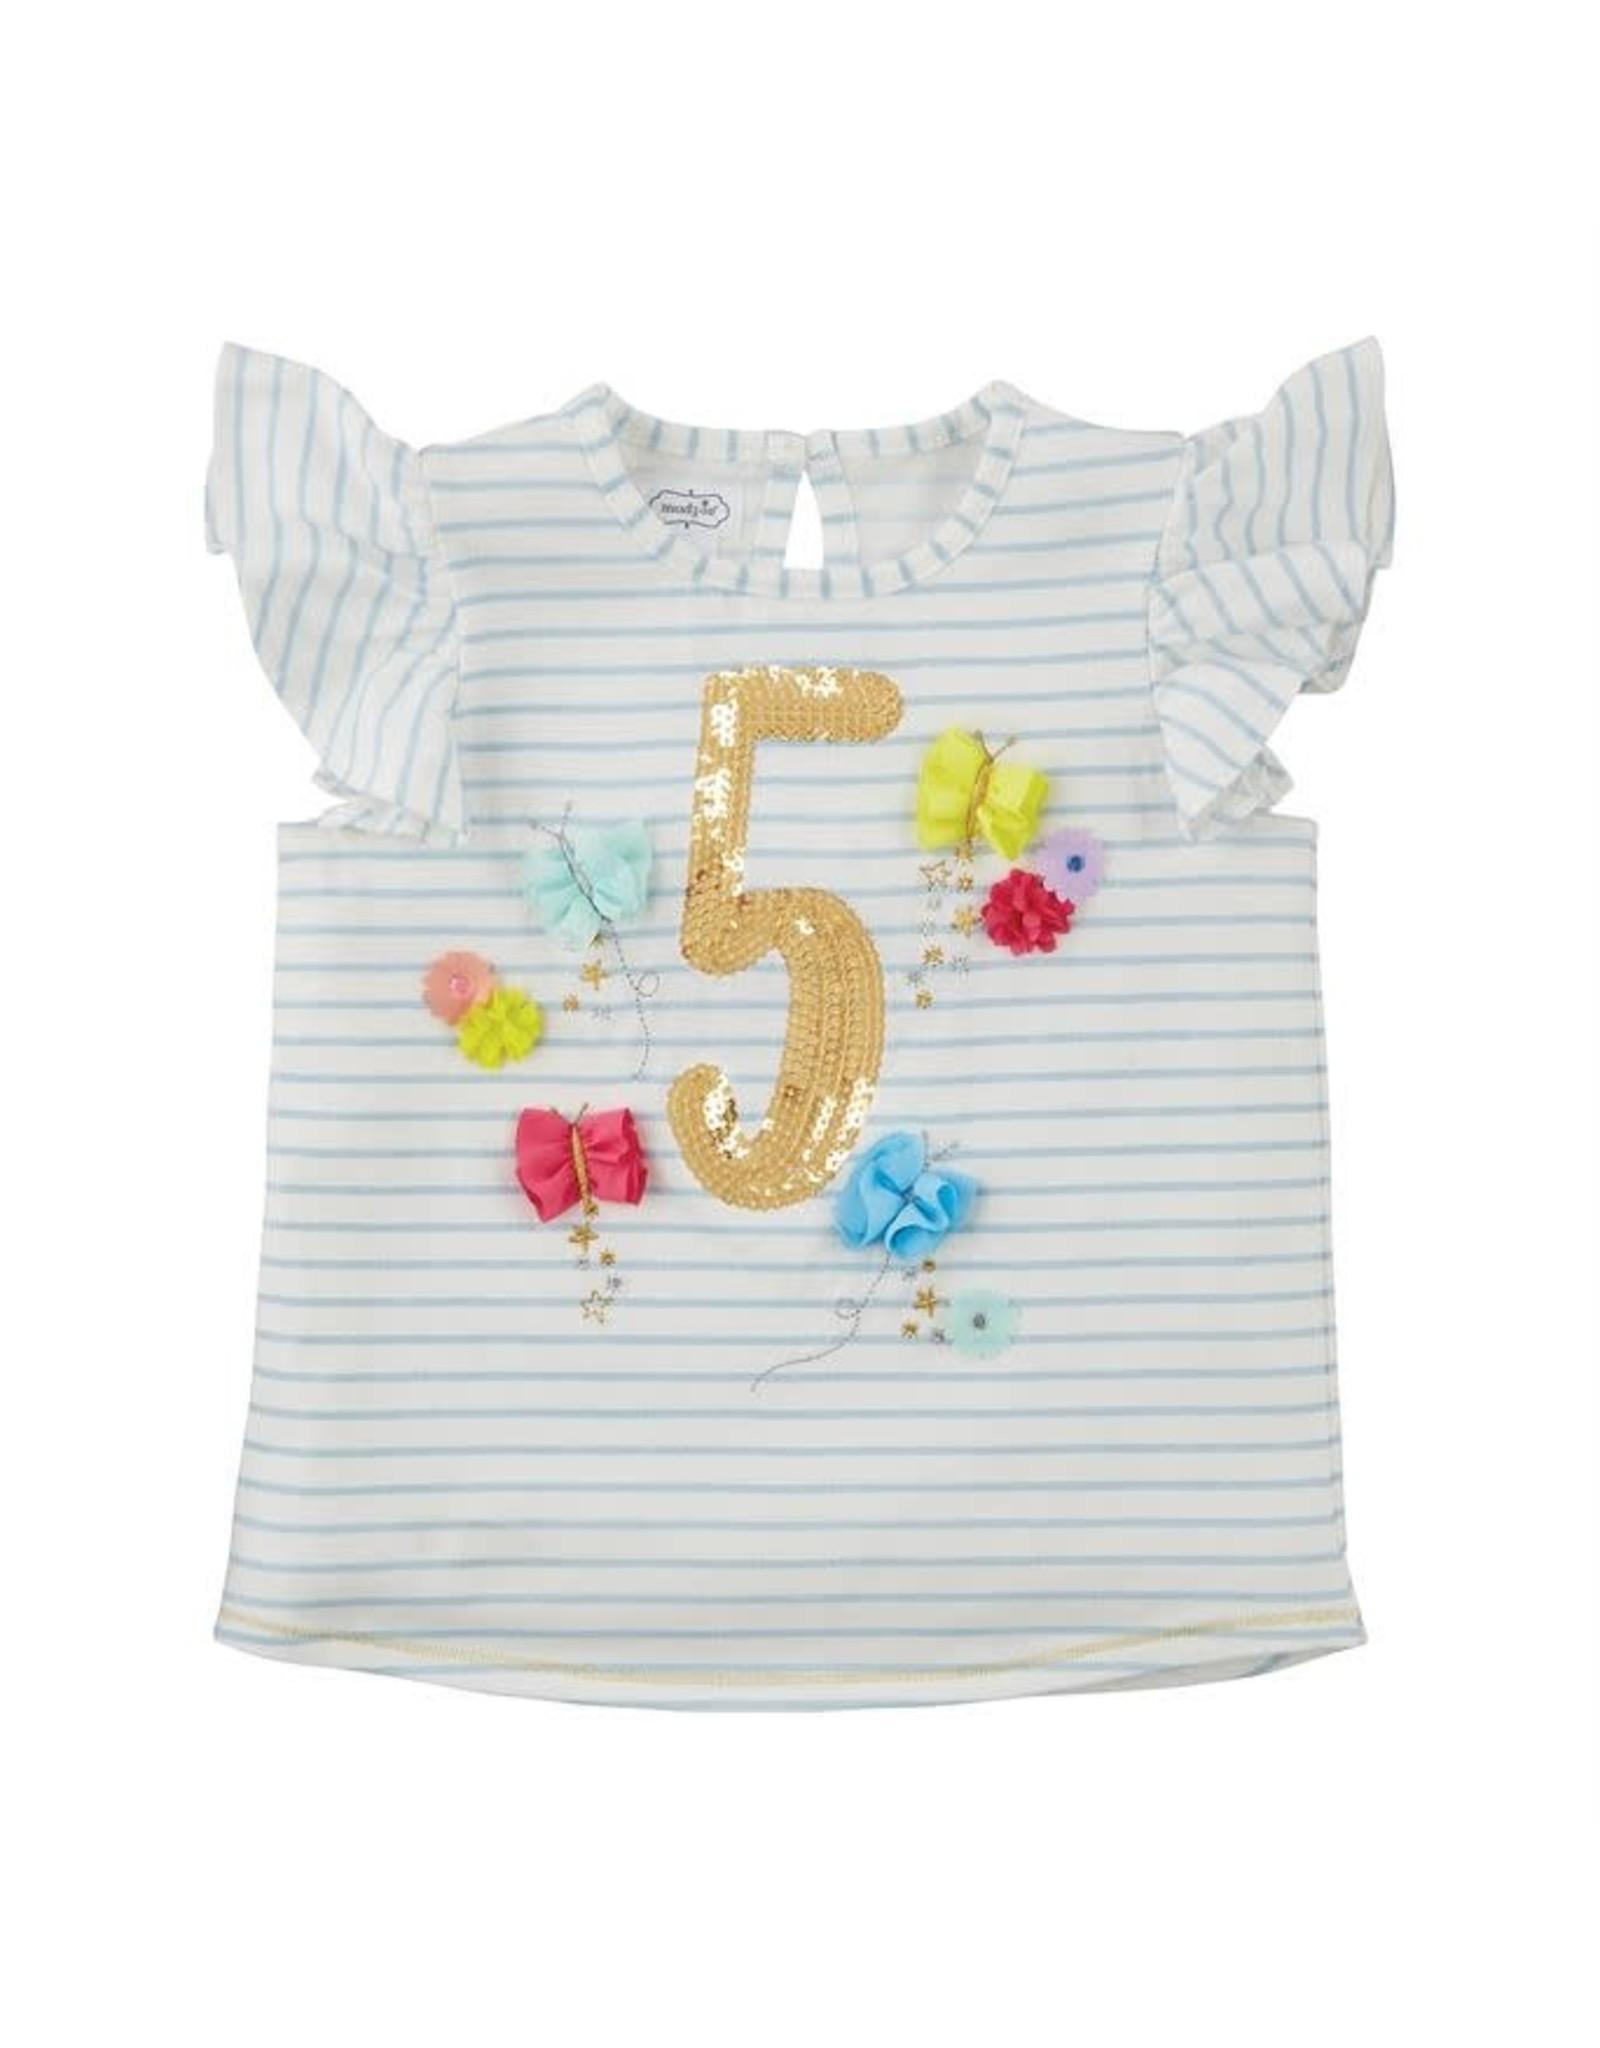 Mudpie Mud Pie Five Birthday Shirt 5t Freckles Children S Boutique